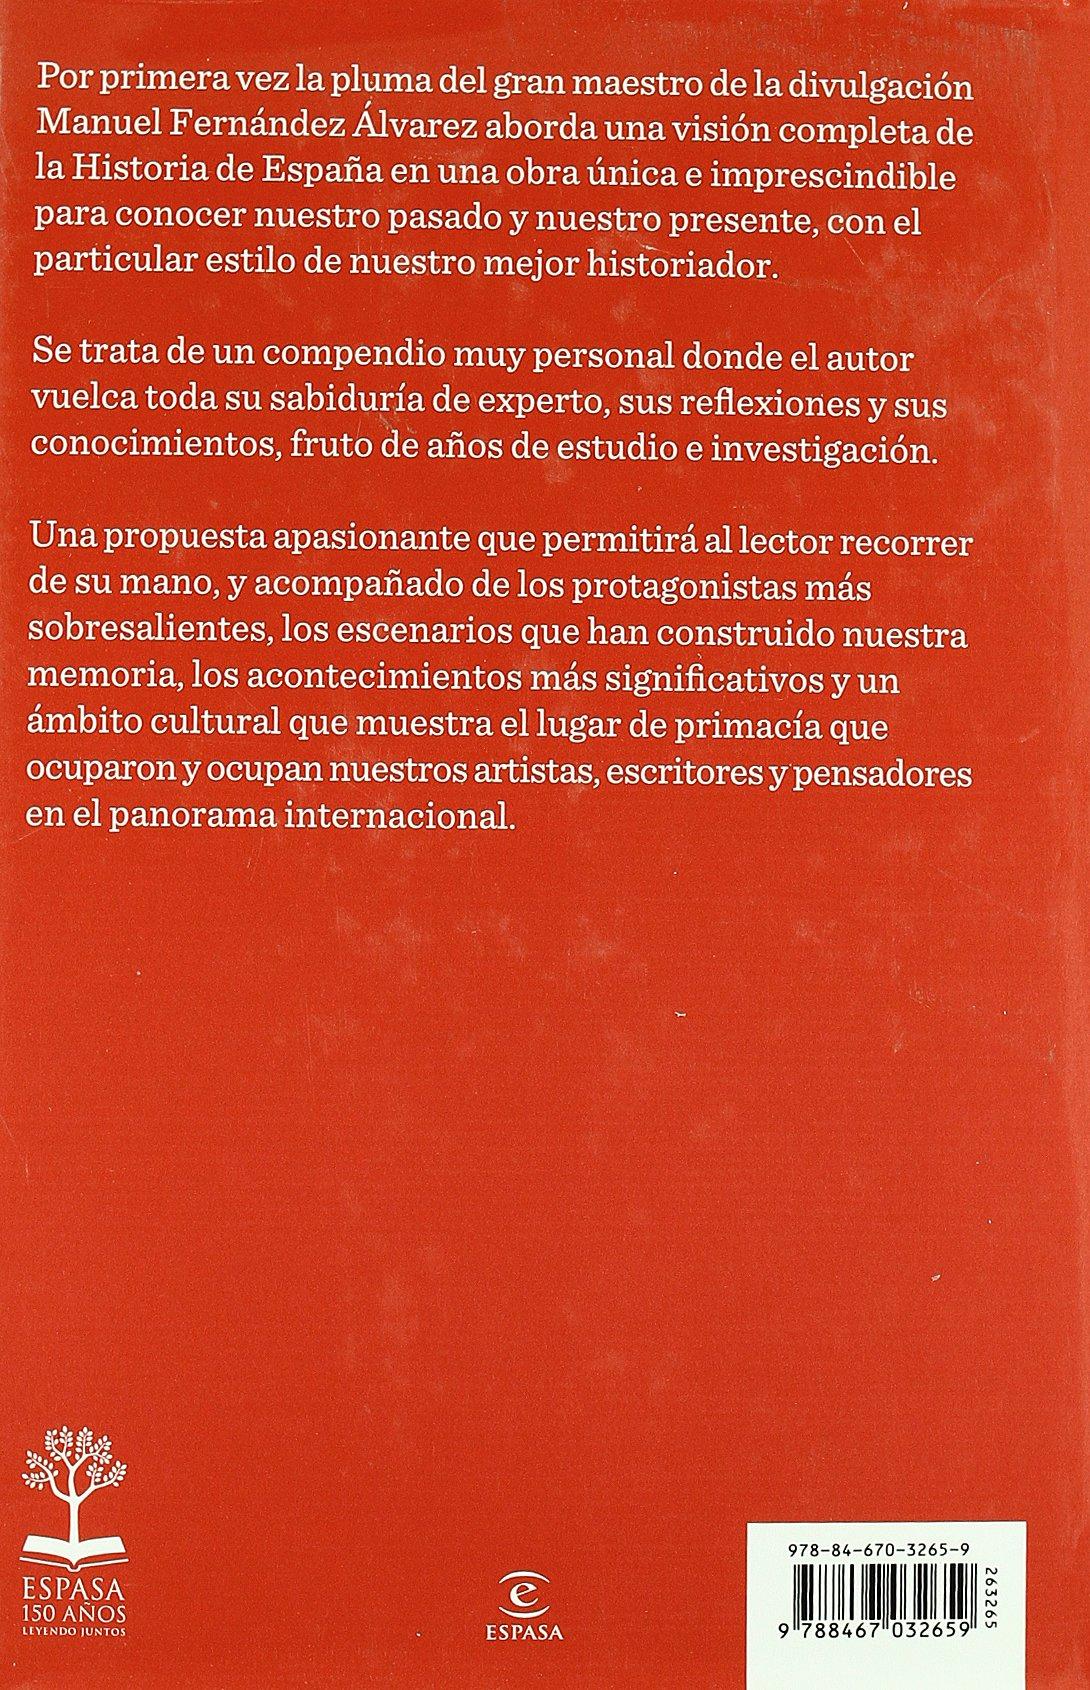 España. Biografía de una nación (ESPASA FORUM): Amazon.es: Fernández Álvarez, Manuel: Libros